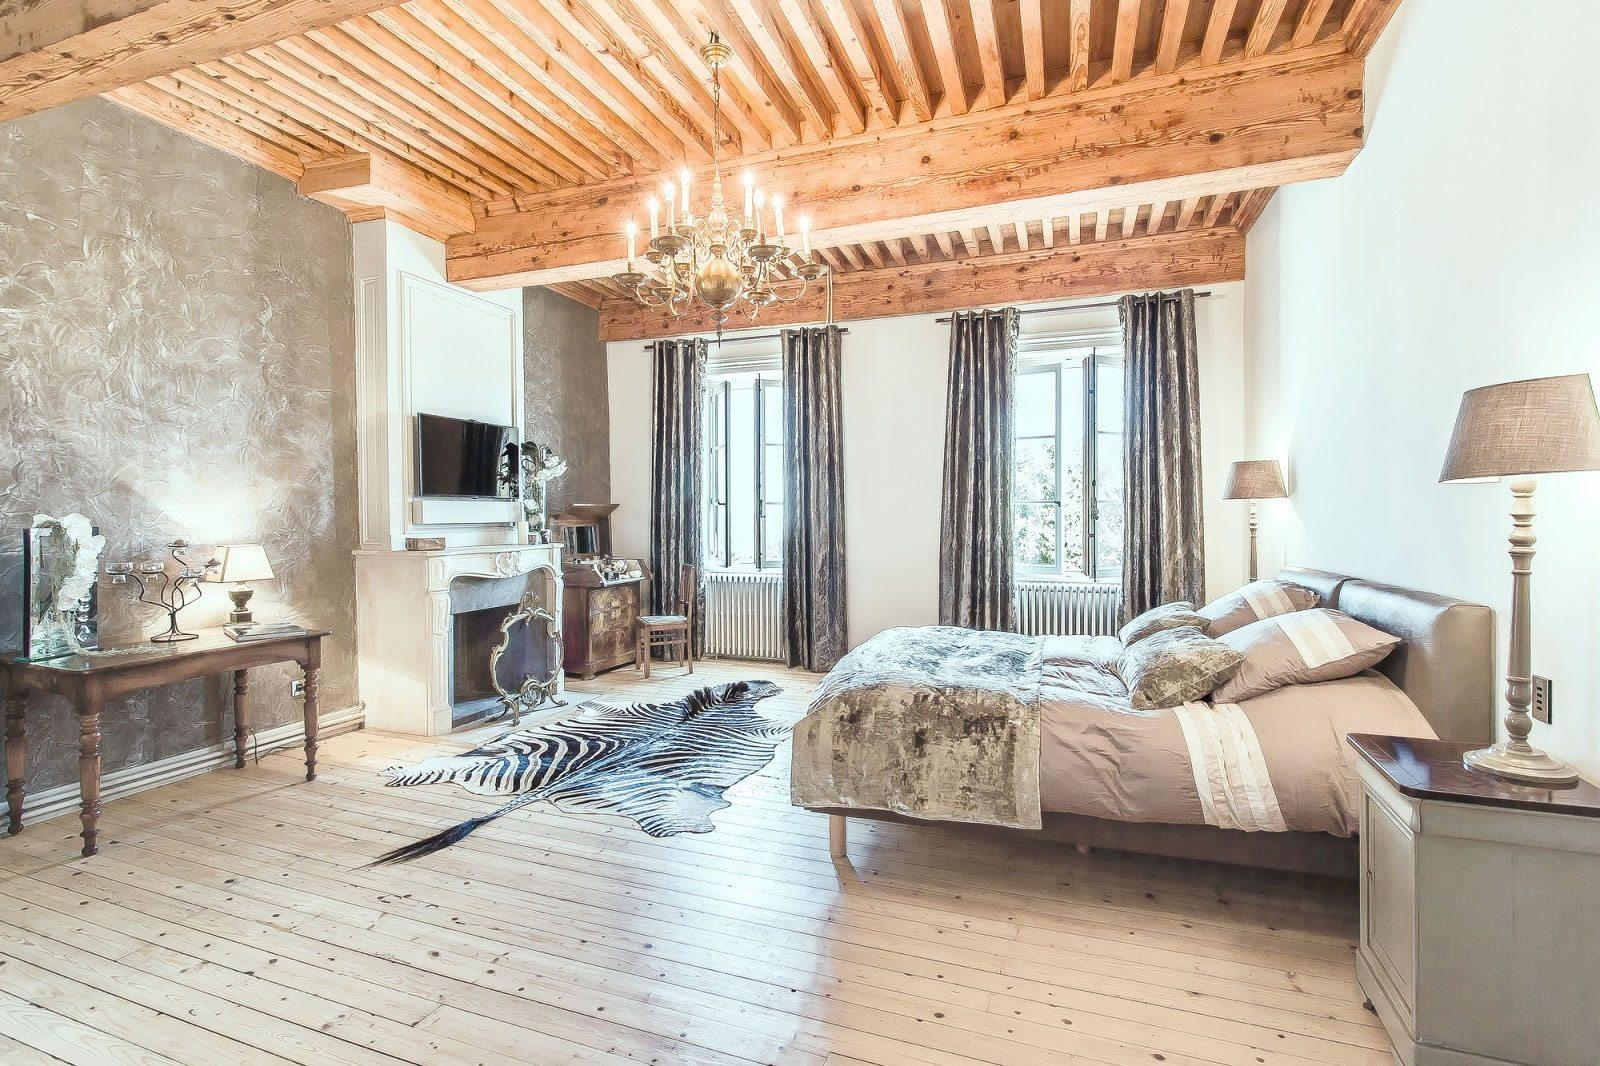 sublime-furnished-mansion-for-sale-vernaison-south-west-lyonnais-terraces-parc-pond-orchard-double-garage